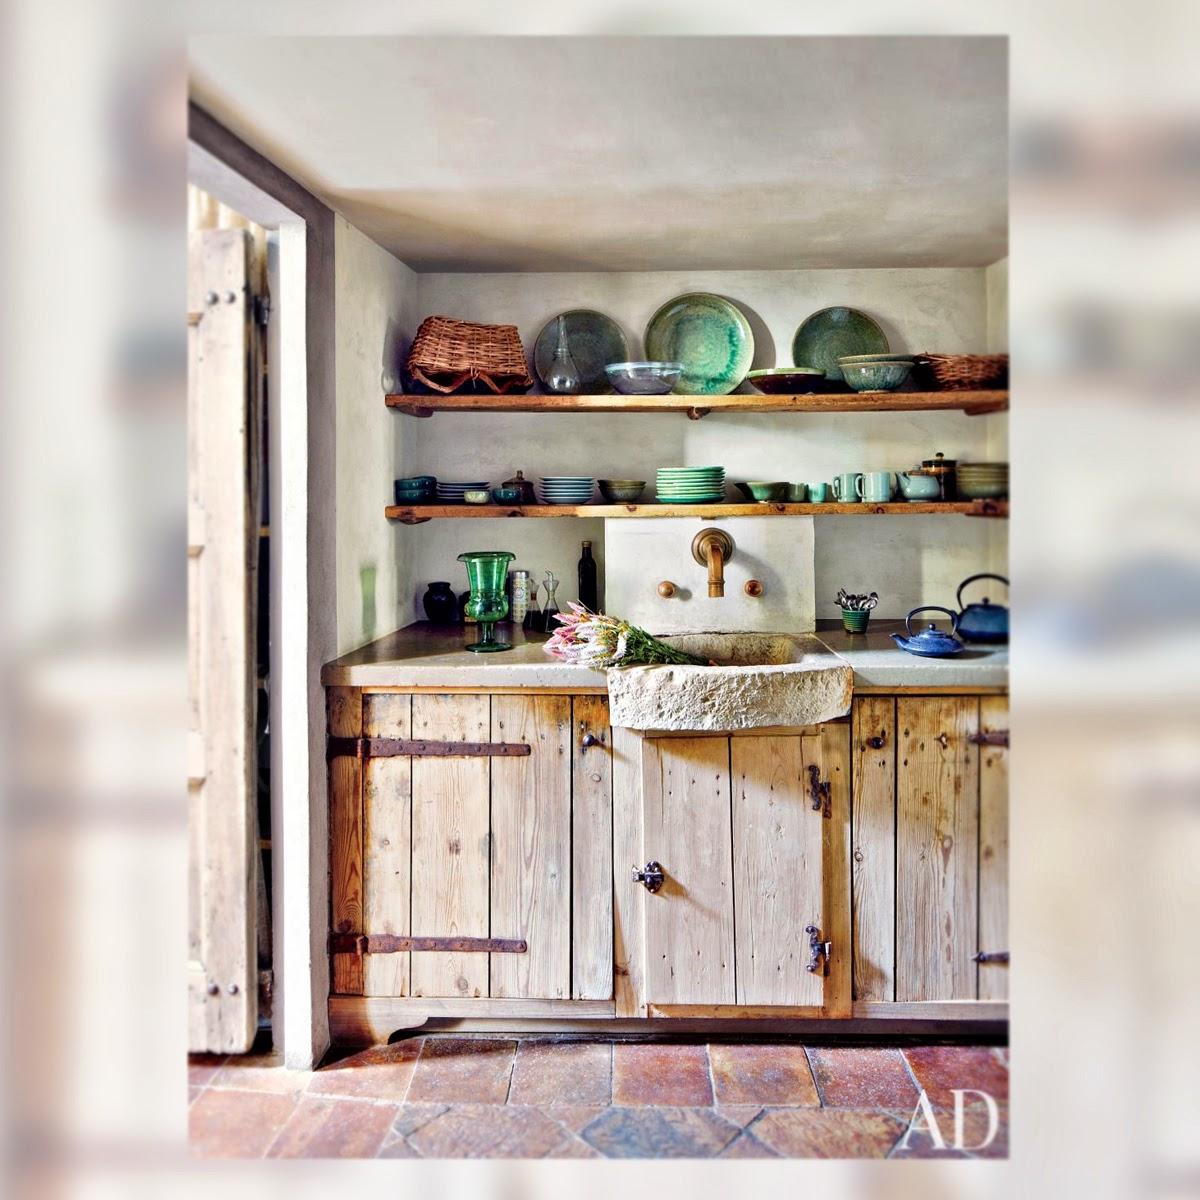 Decoracion 5 cocinas r sticas la musa decoraci n - Decorar casa de pueblo ...